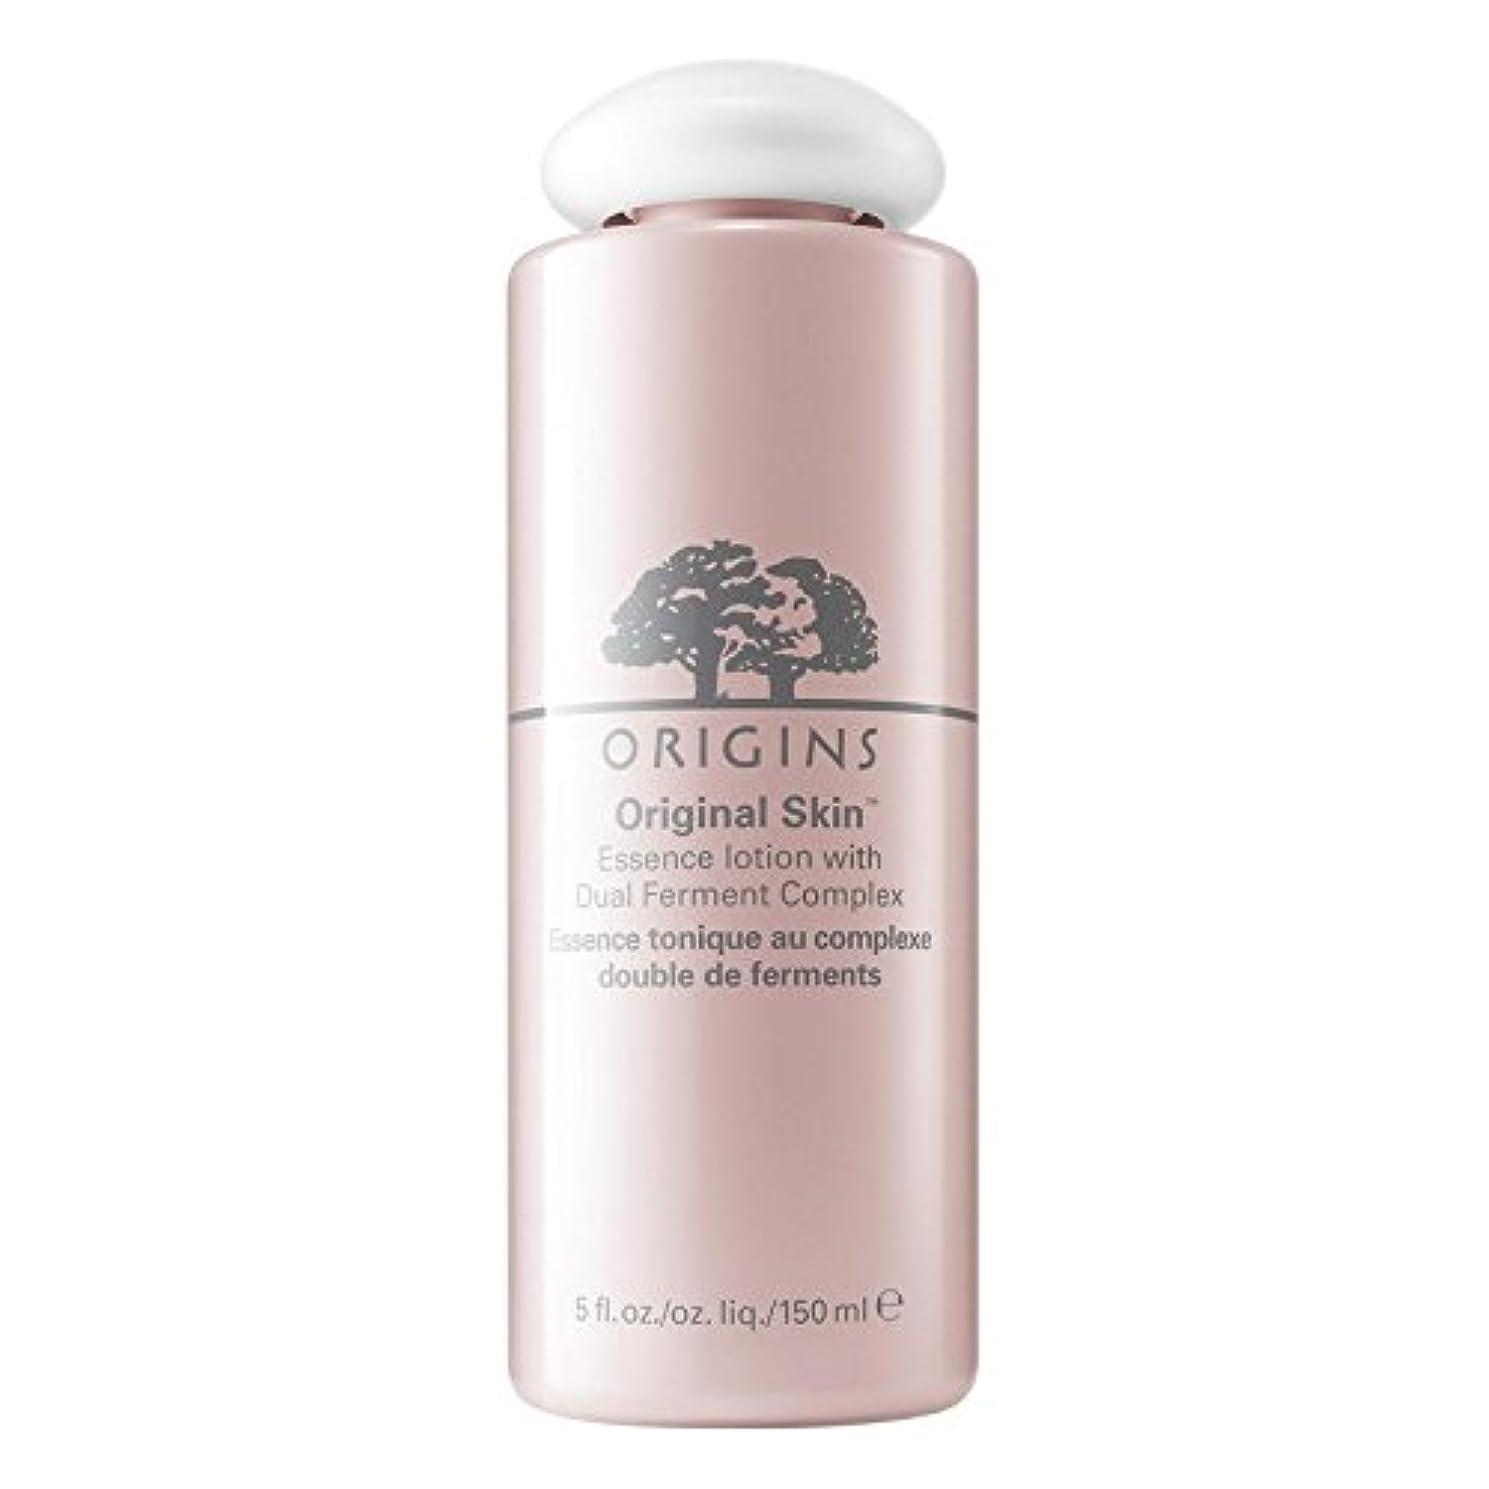 スペア実験隠されたOrigins Original Skin Essence Lotion 150ml - 起源オリジナルスキンエッセンスローション150 [並行輸入品]